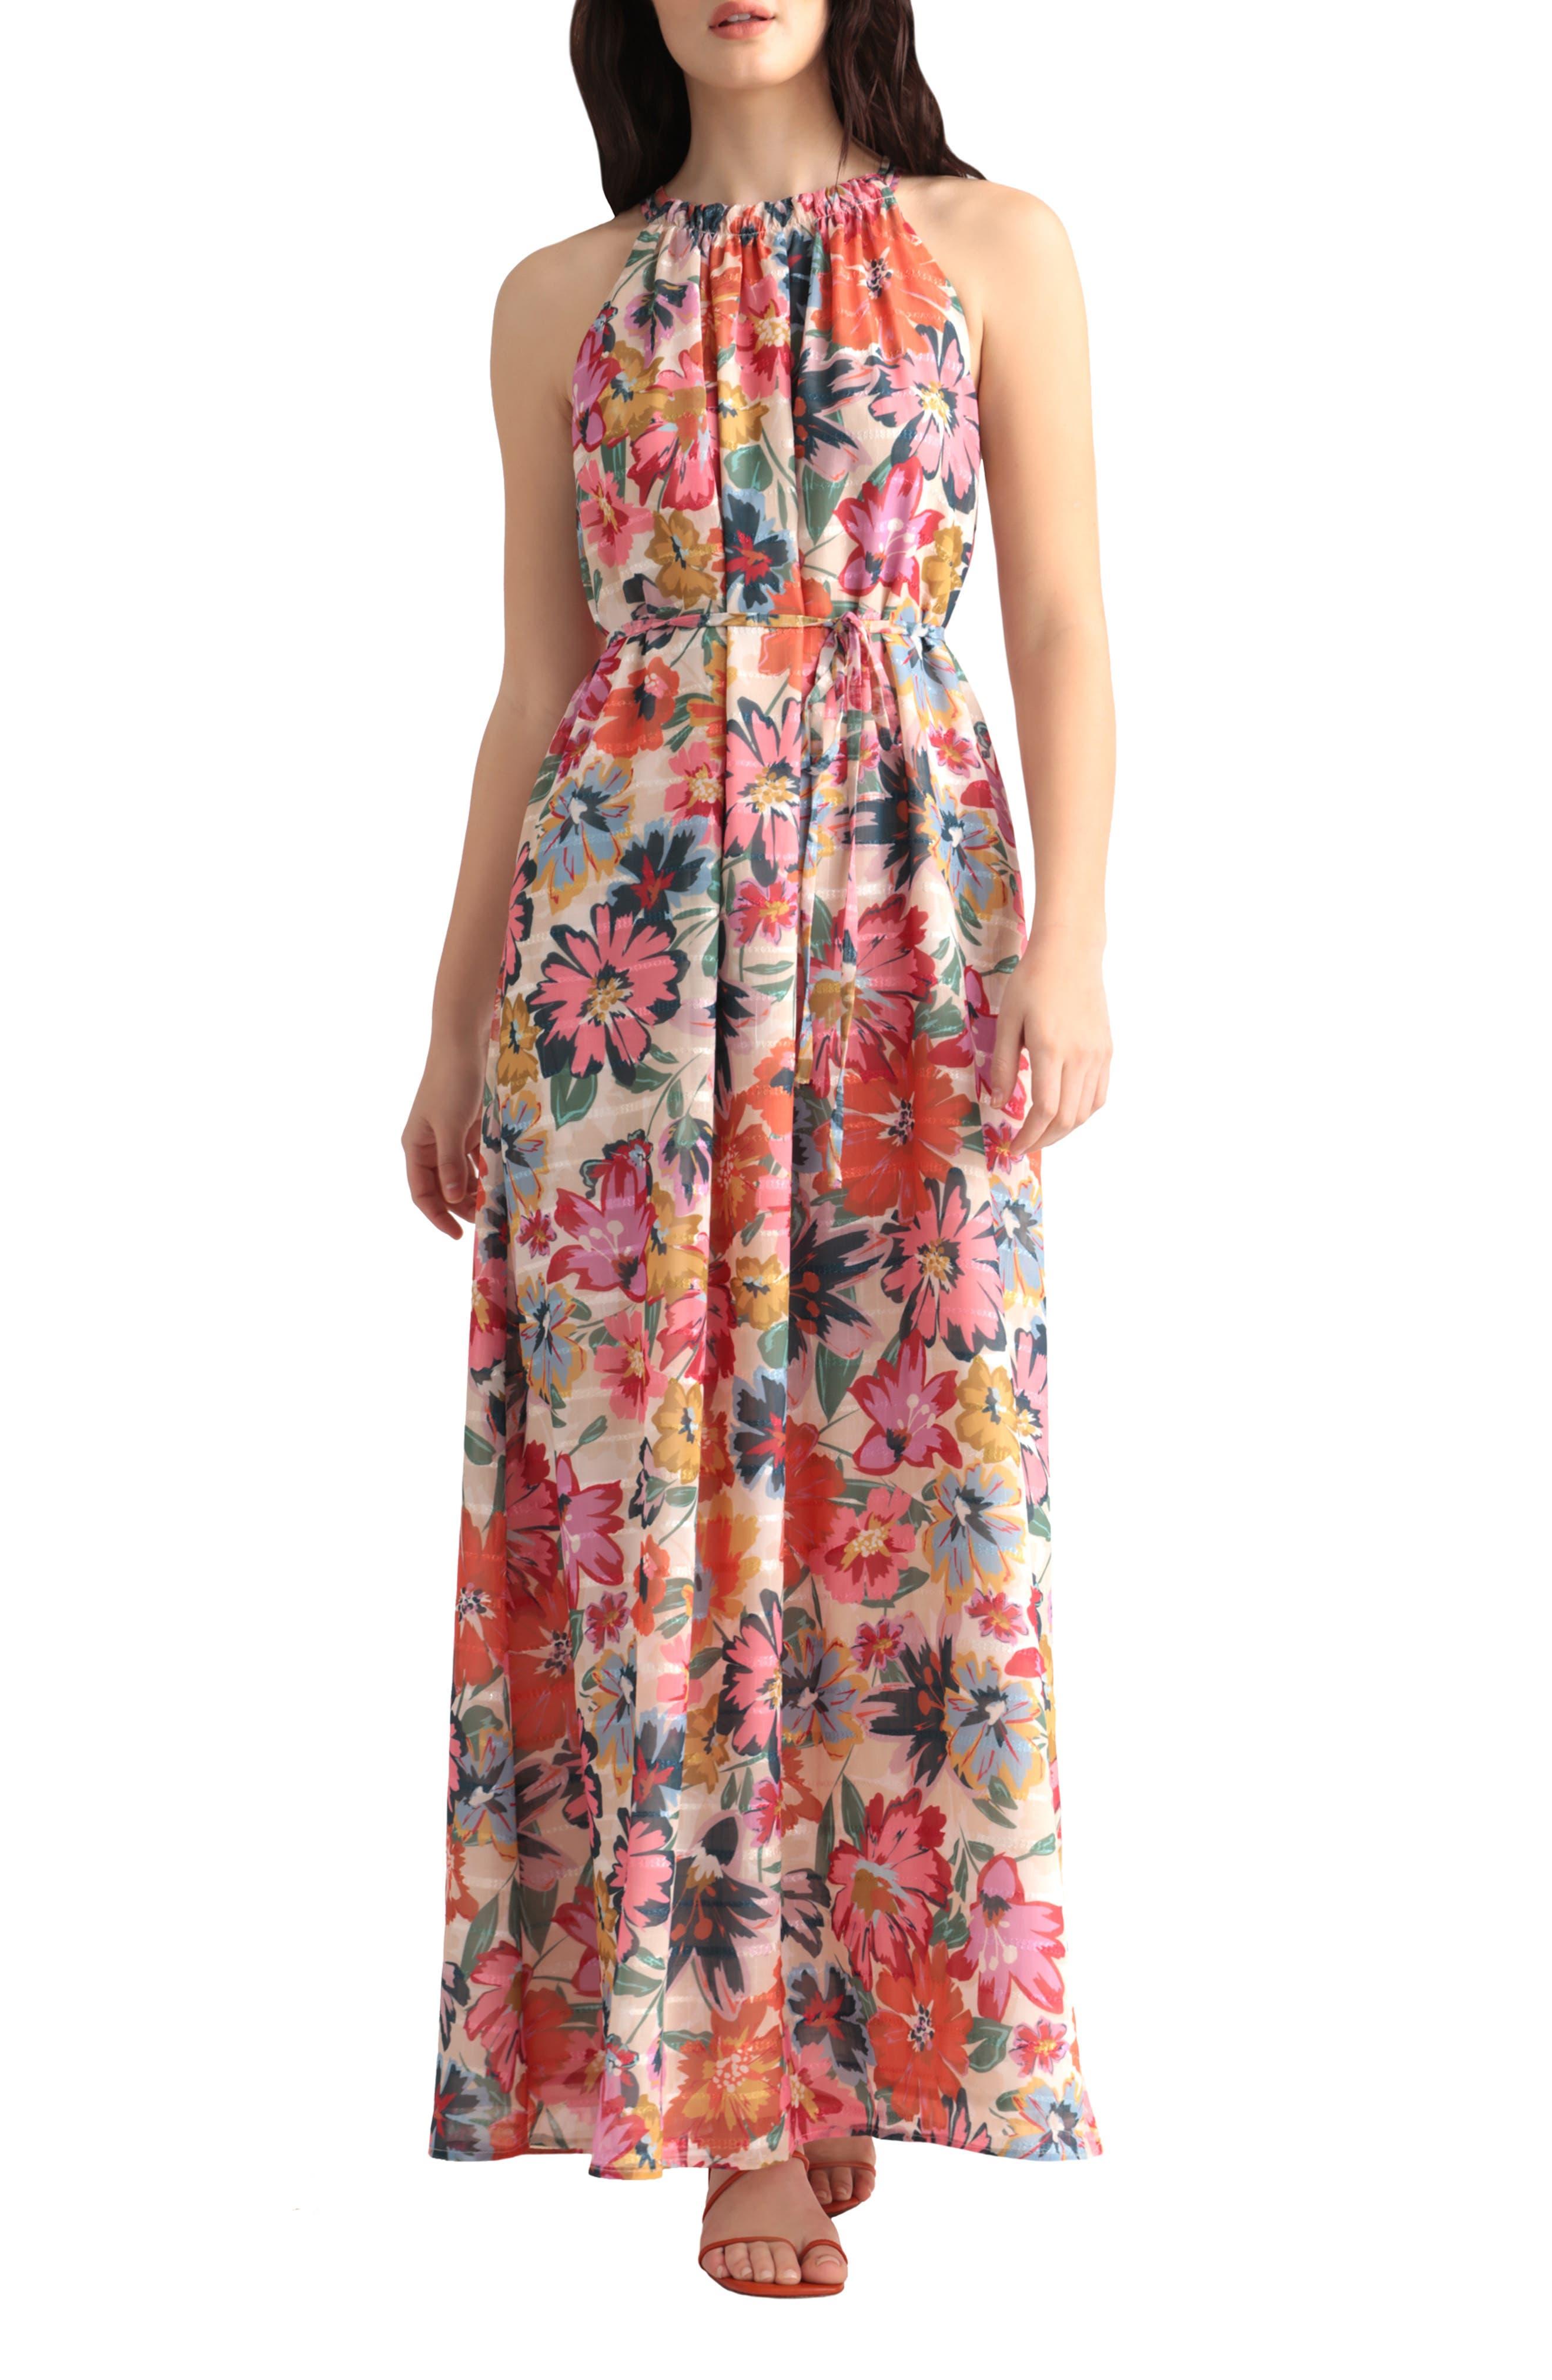 Floral Halter Neck Dress